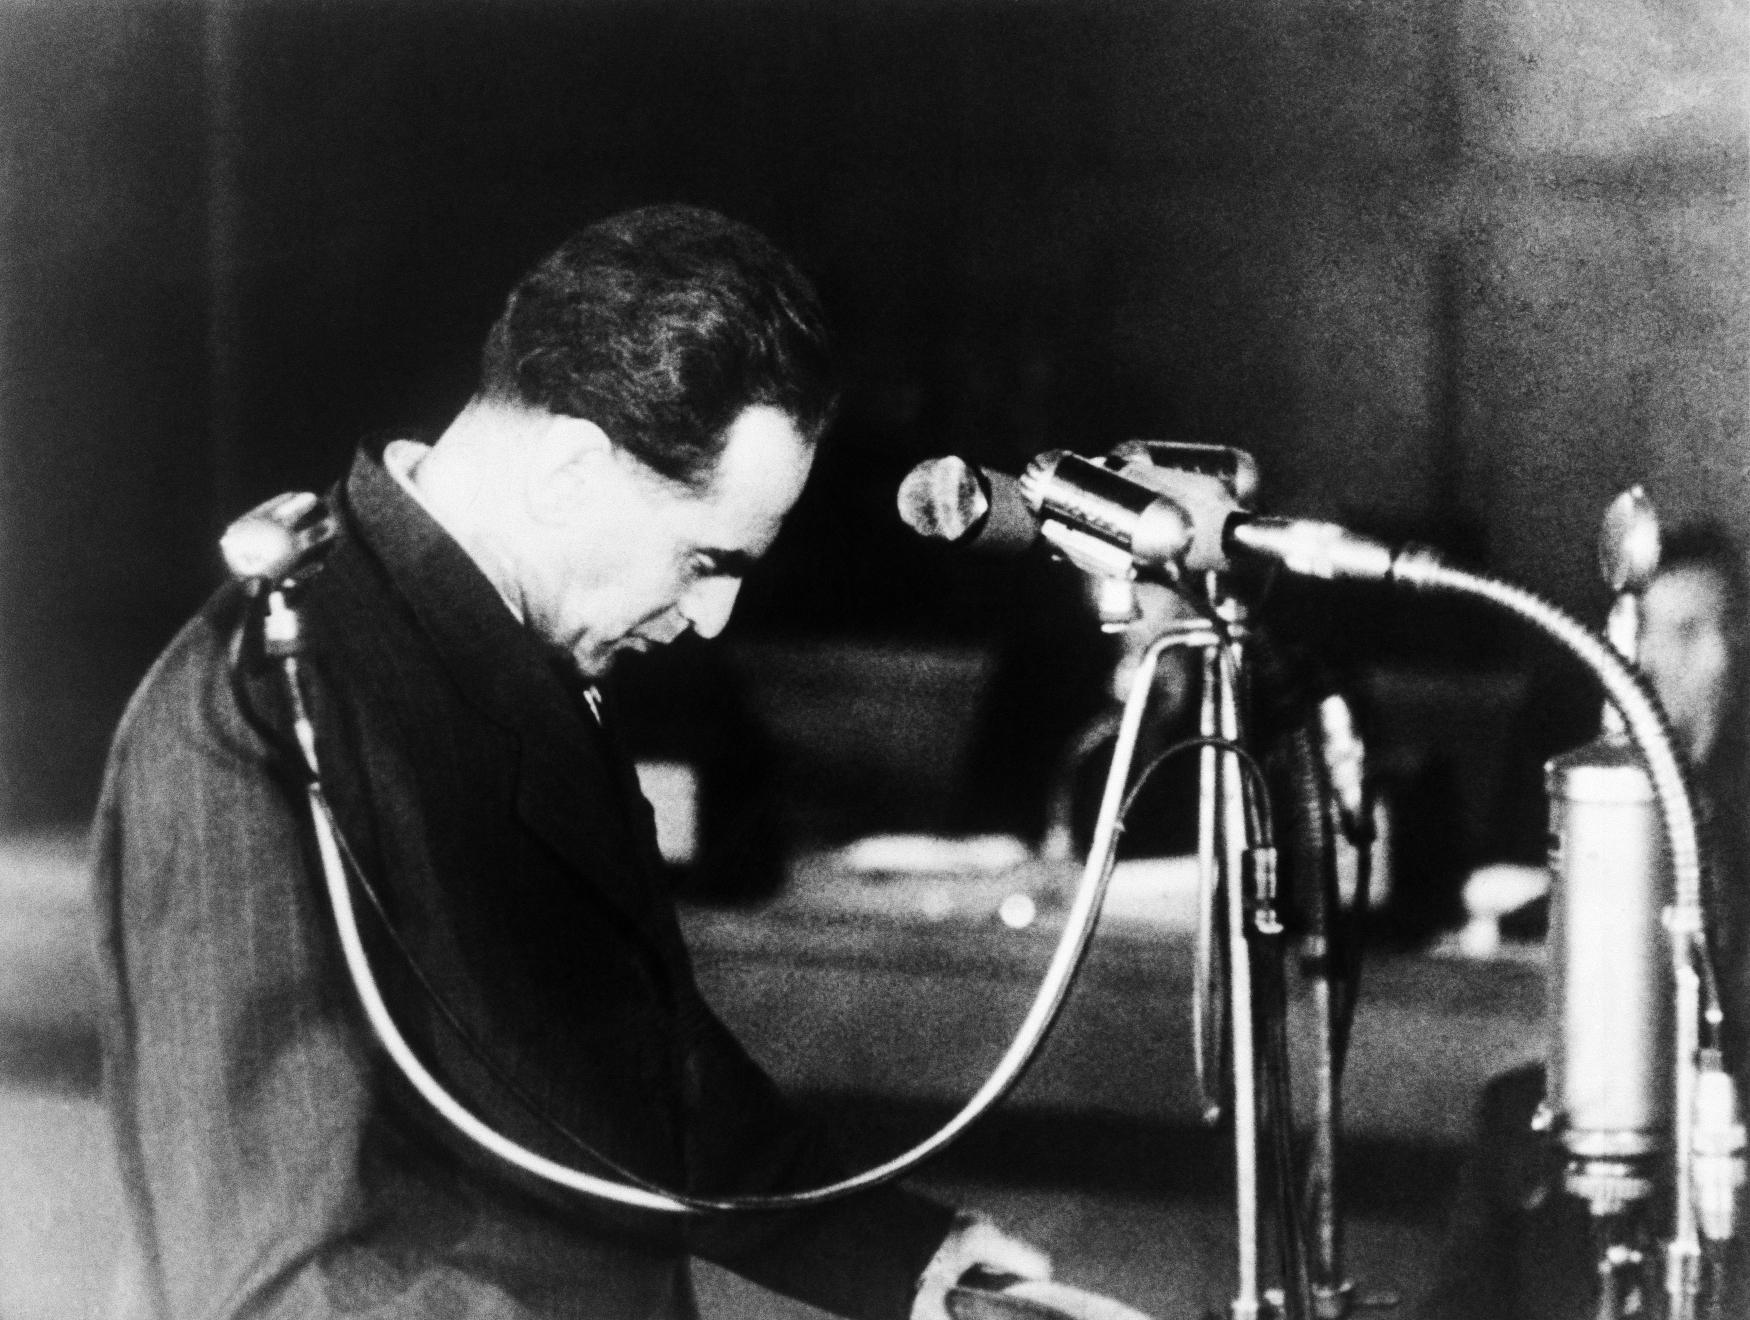 Rudolf Slánský před senátem státního soudu v Praze. Ve dnech 20. až 27. listopadu 1952 se konal proces s vedením protistátního spikleneckého centra v čele s Rudolfem Slánským